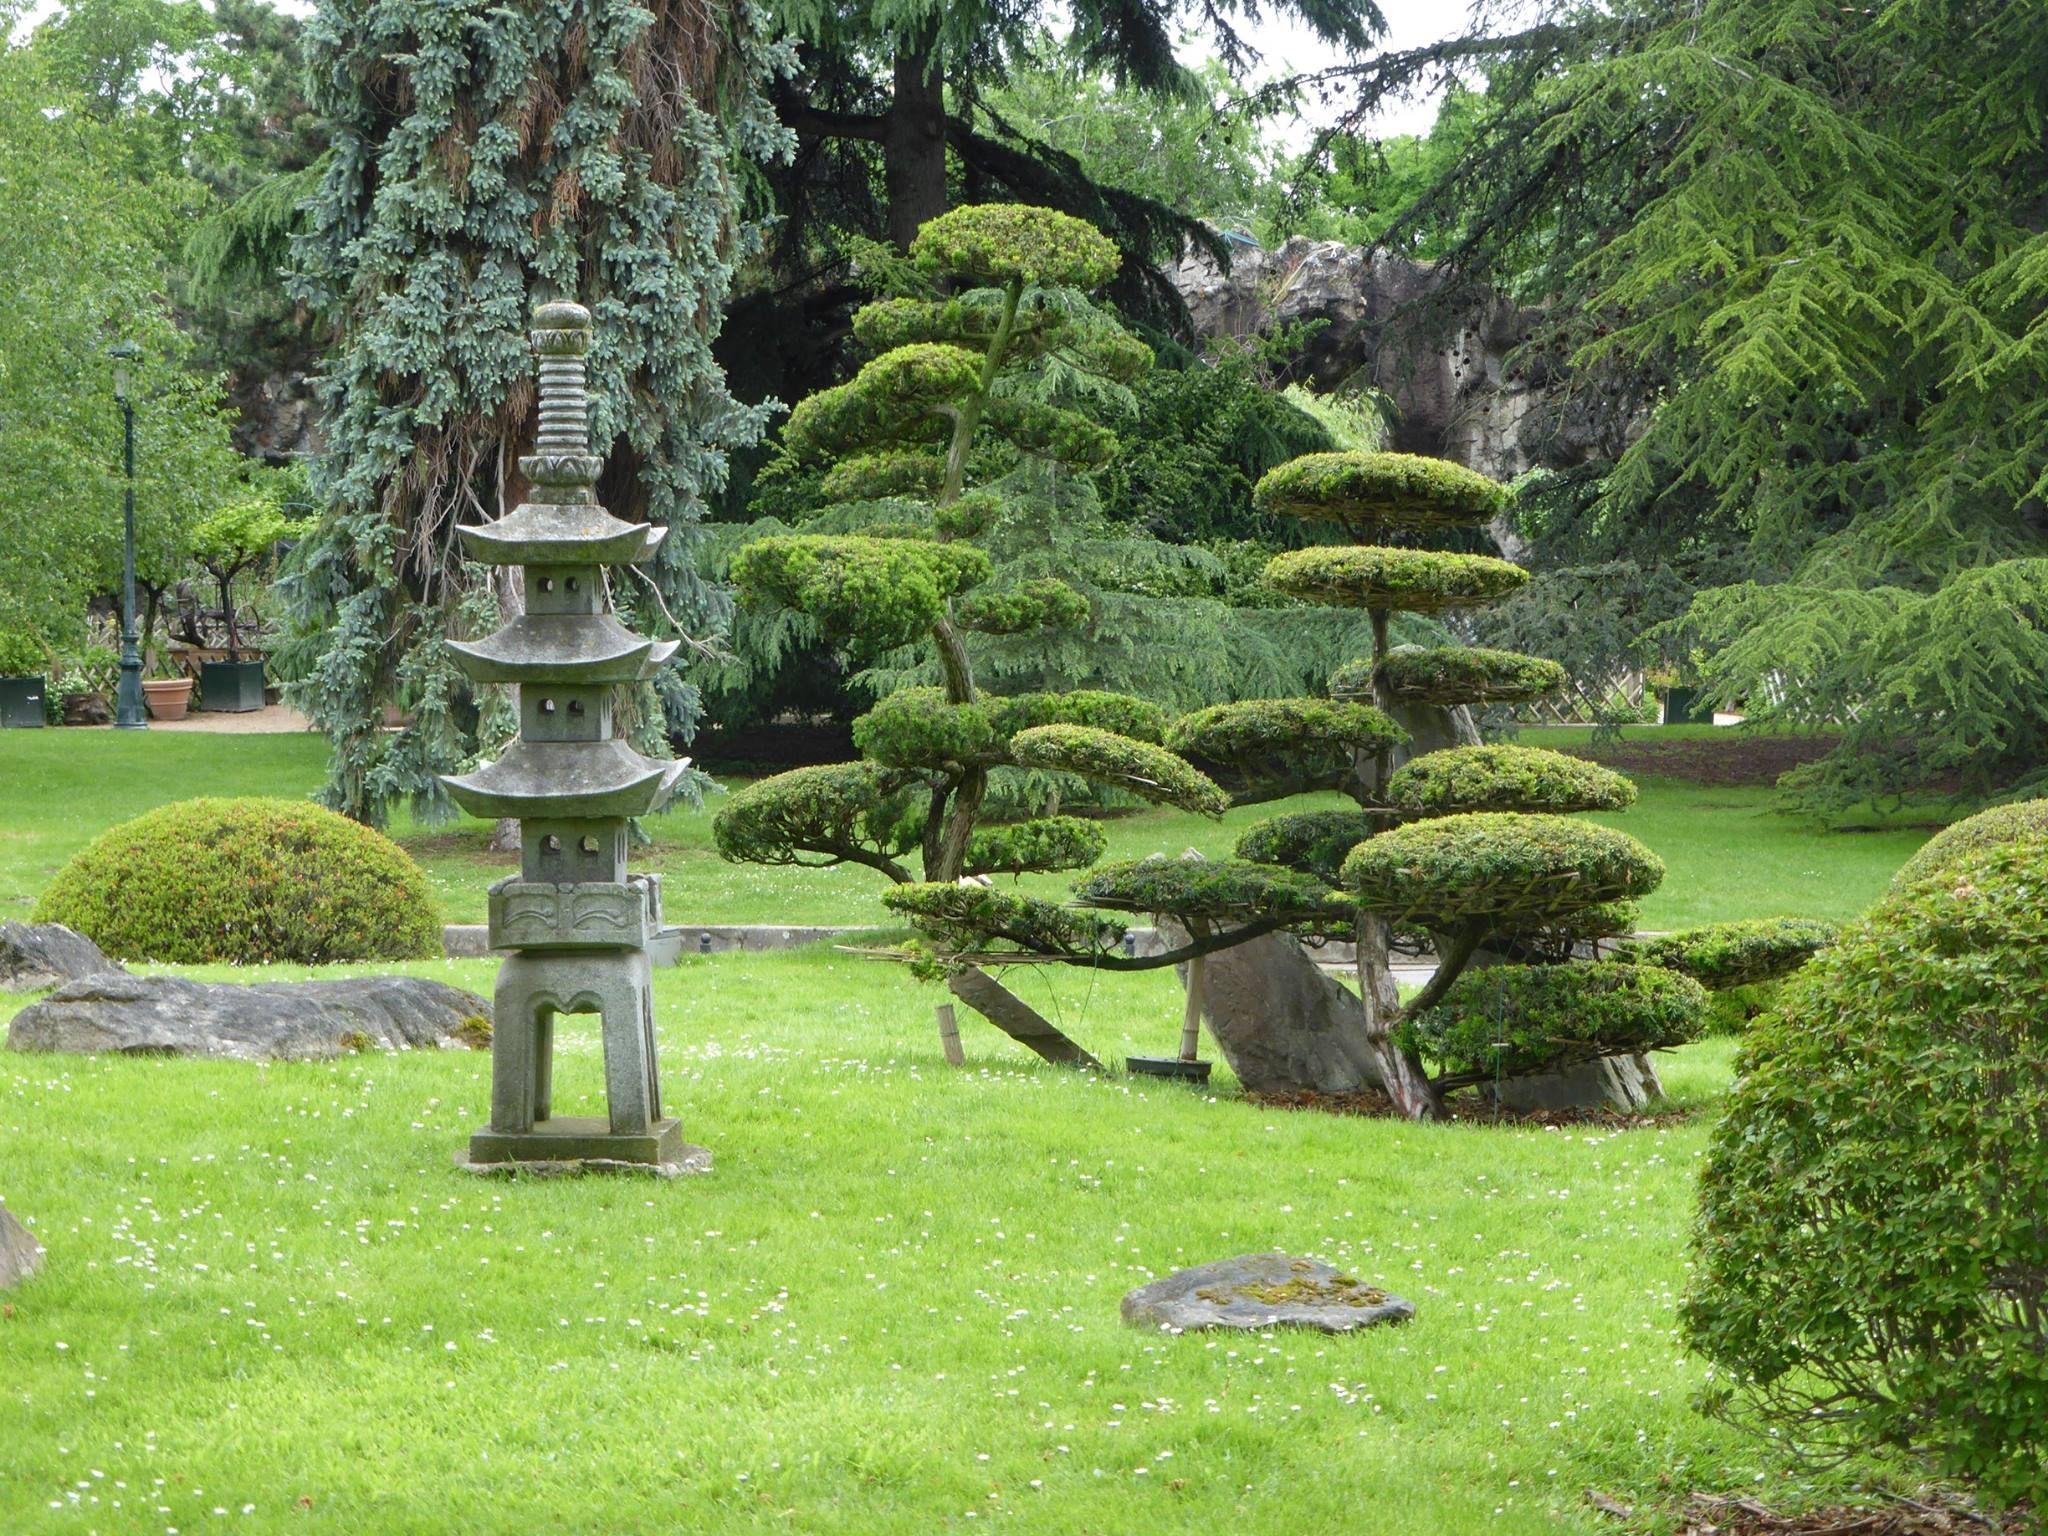 Jardin Japonais Jardin D Acclimatation Paris 16eme Arr 75